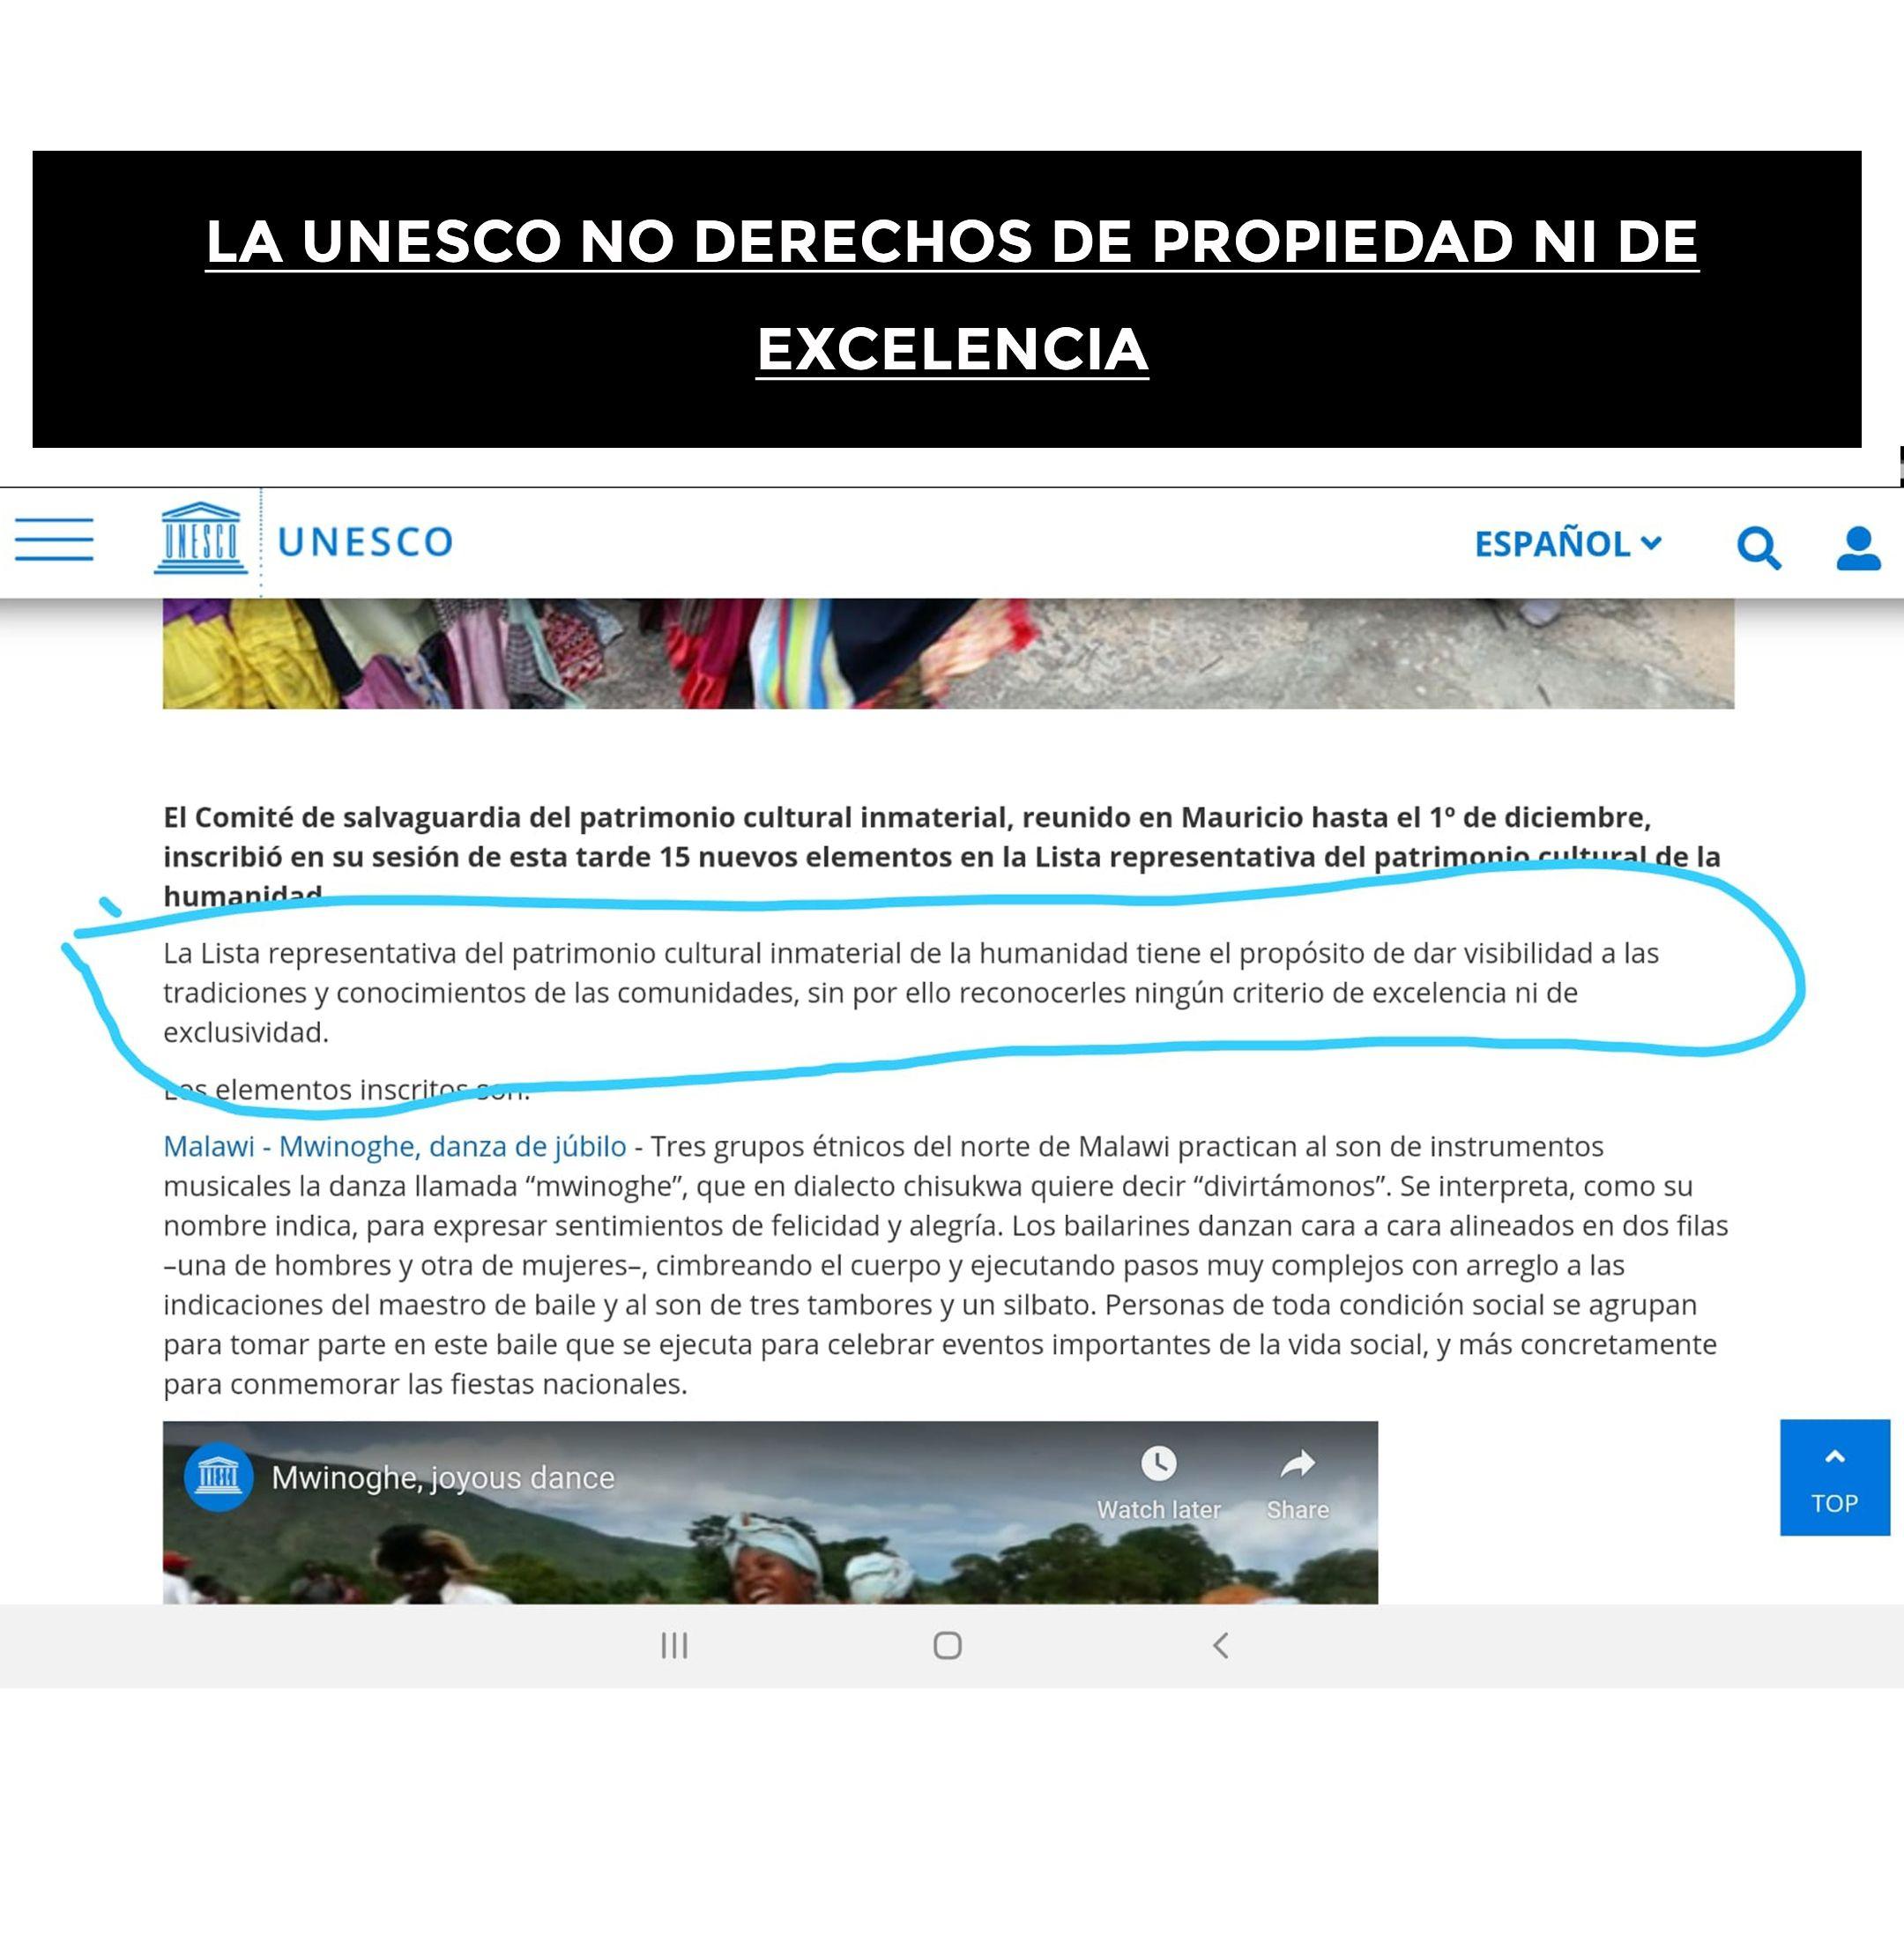 La Unesco No Da Derechos De Propiedad Ni De Excelencia In 2021